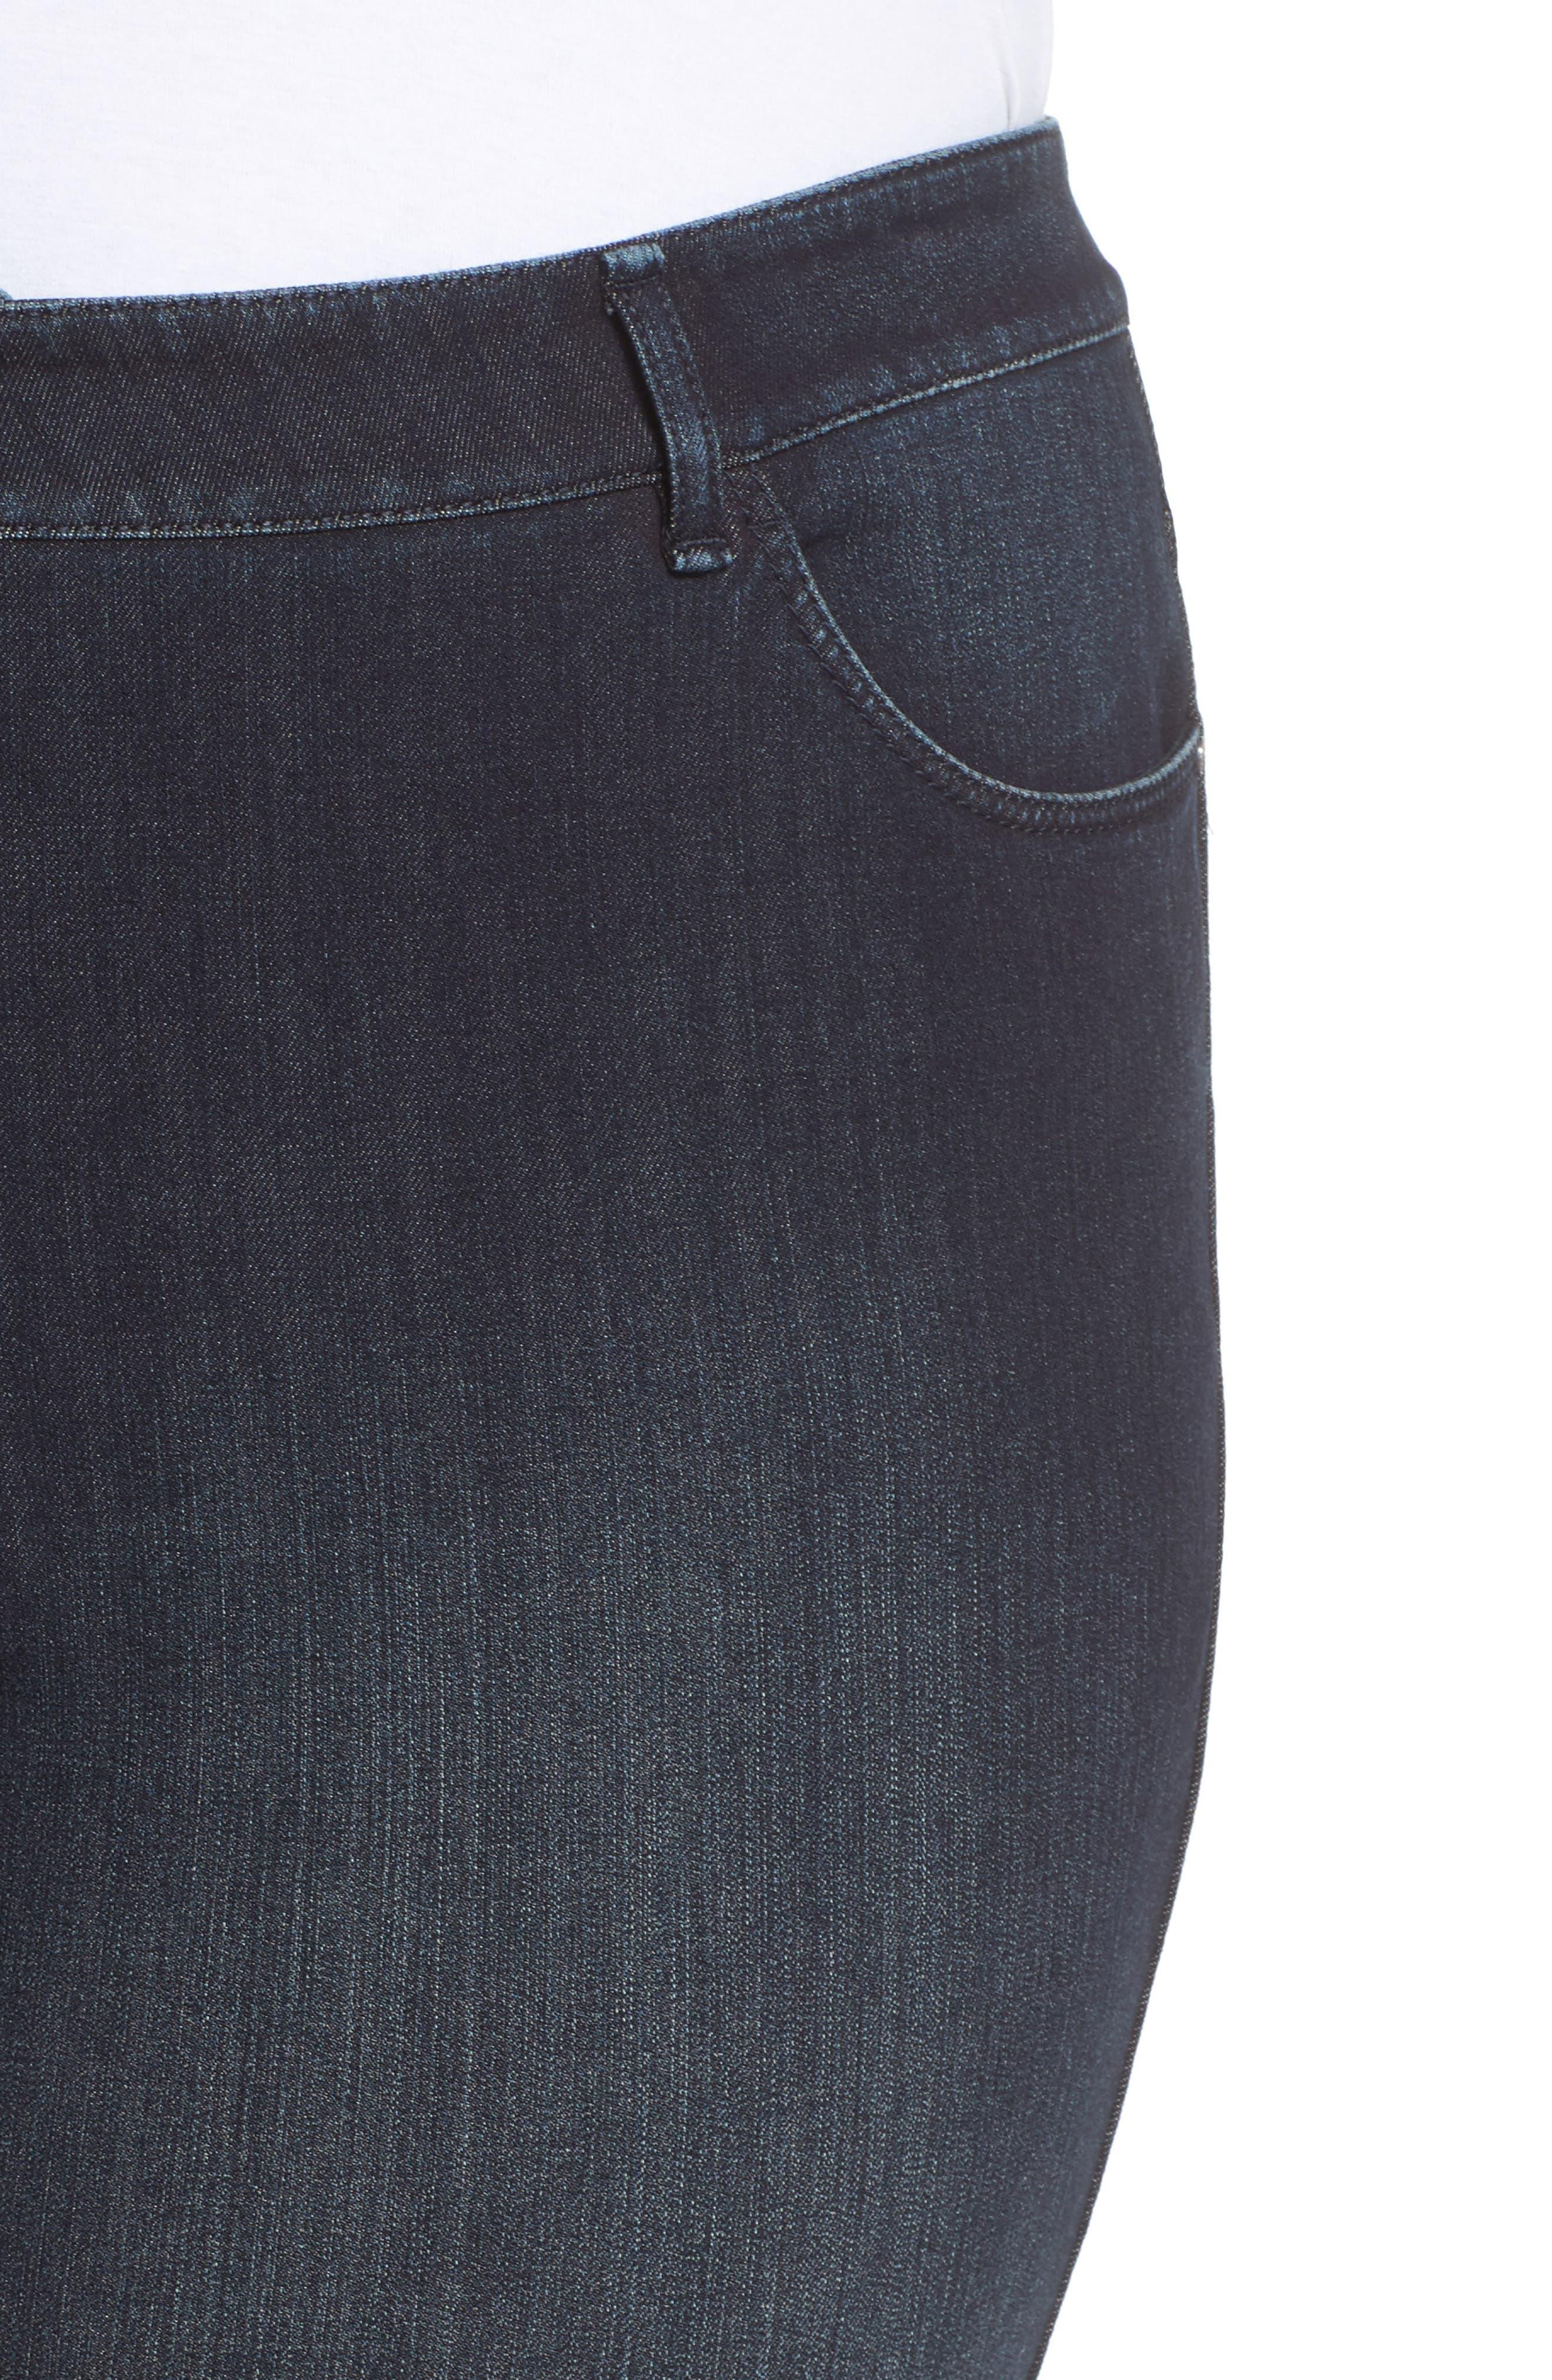 Mercer Jeans,                             Alternate thumbnail 4, color,                             407